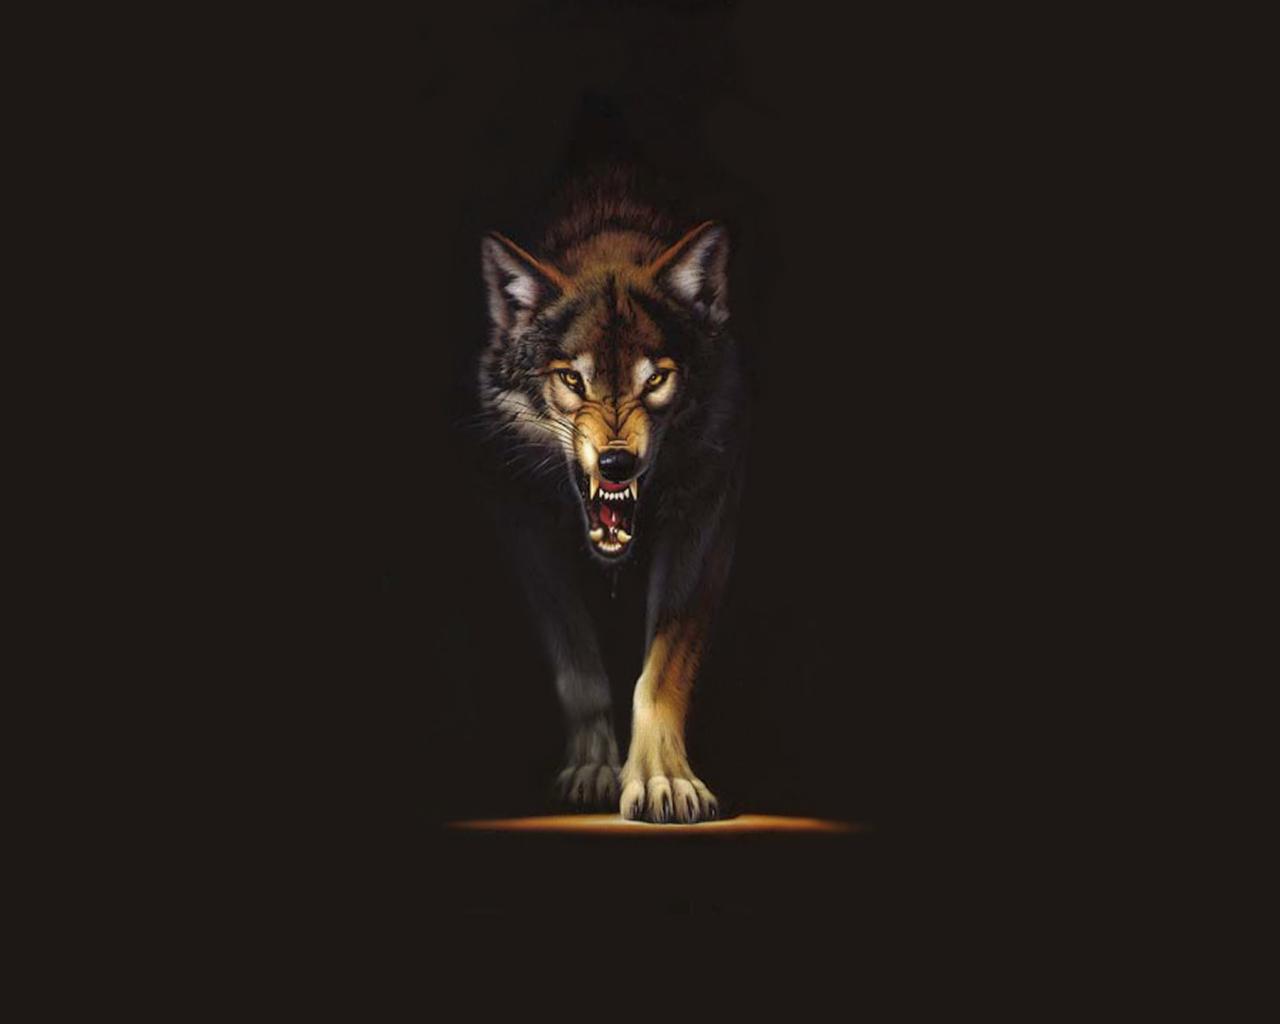 Wild Wolf Wallpaper #4